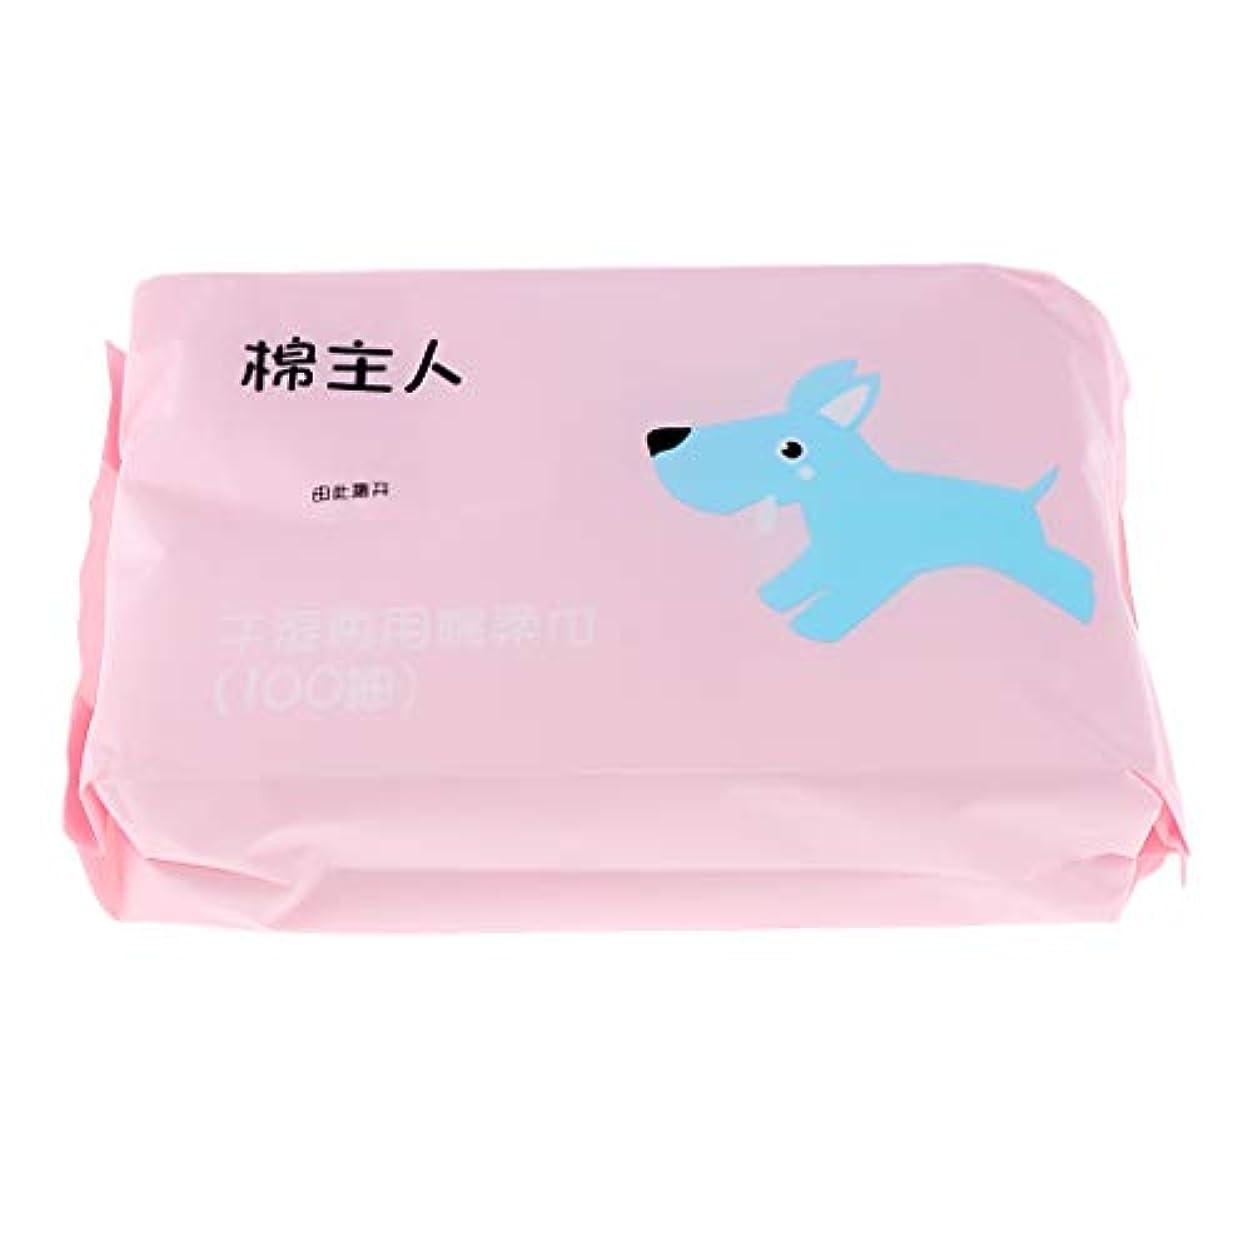 満たす個人荒れ地クレンジングシート メイク落とし 軽量 便利 敏感肌用 非刺激 不織布 フェイスタオル 約100枚 - ピンク